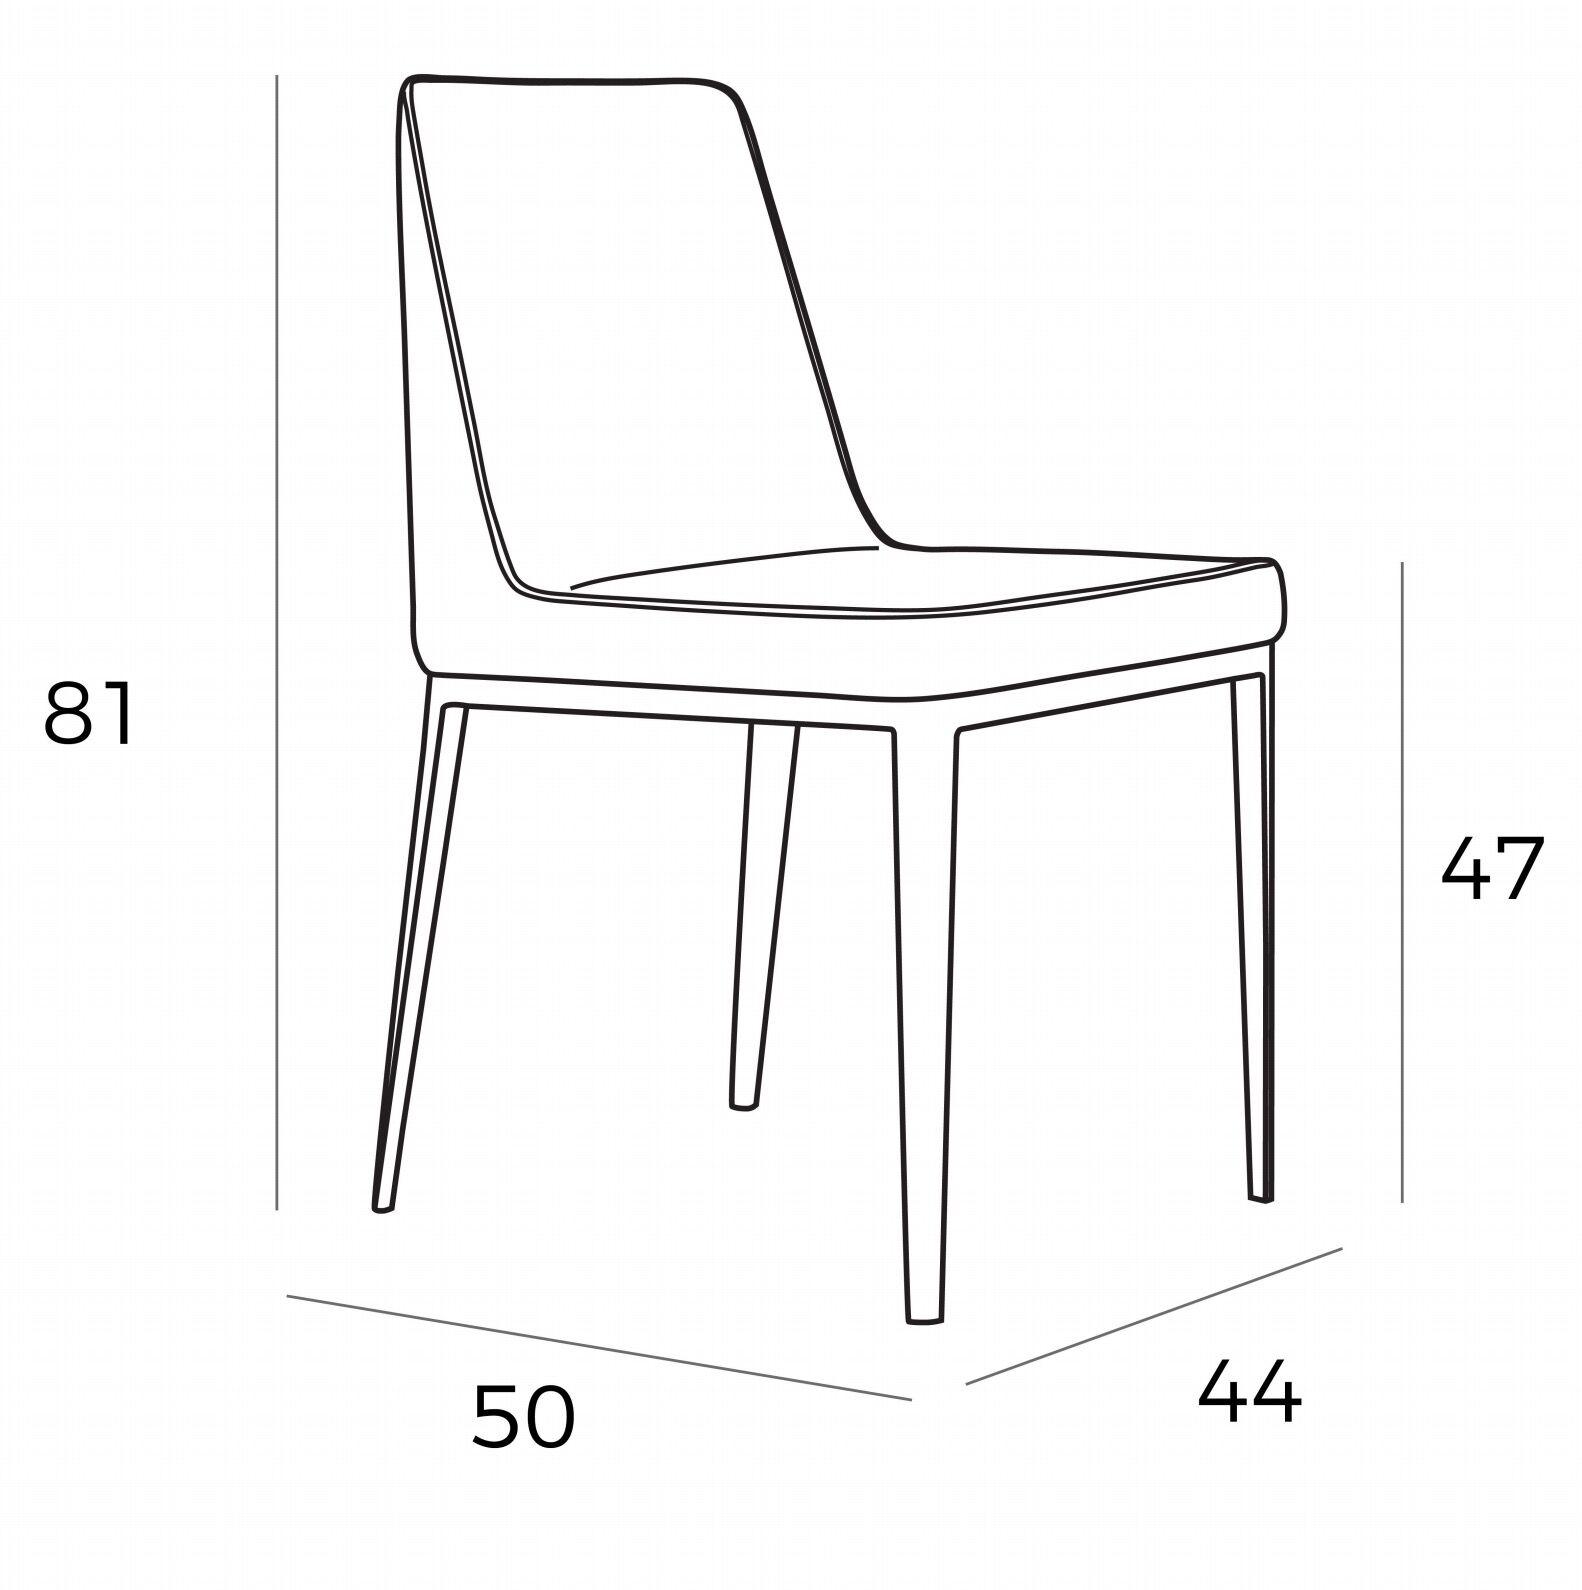 medidas silla angel cerda a-107